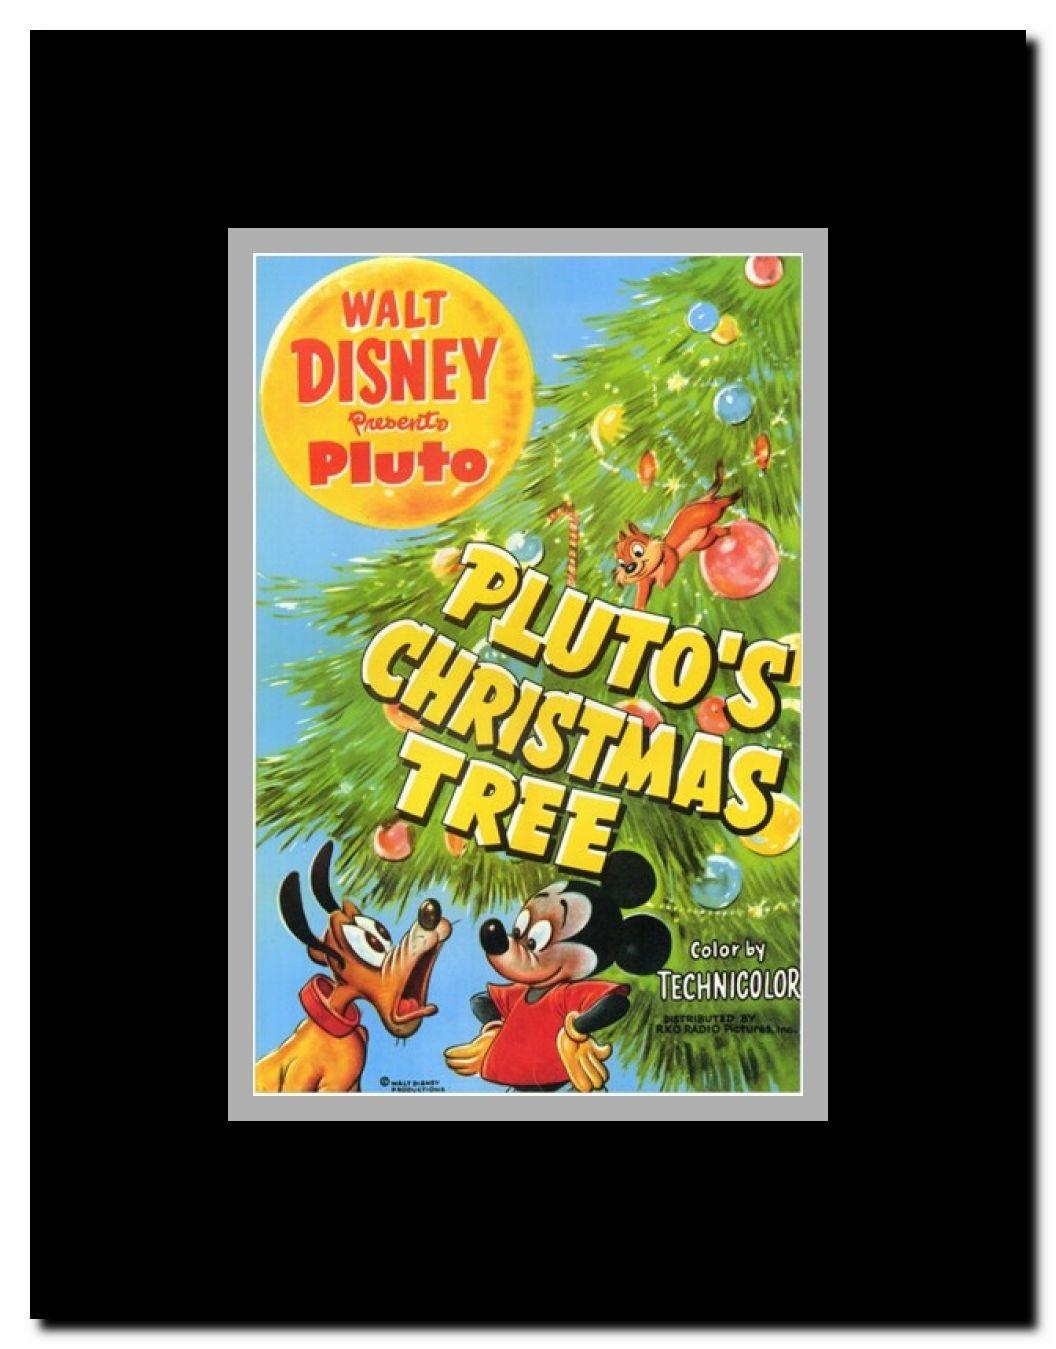 Plutos Christmas Tree.Pluto S Christmas Tree Framed Movie Poster